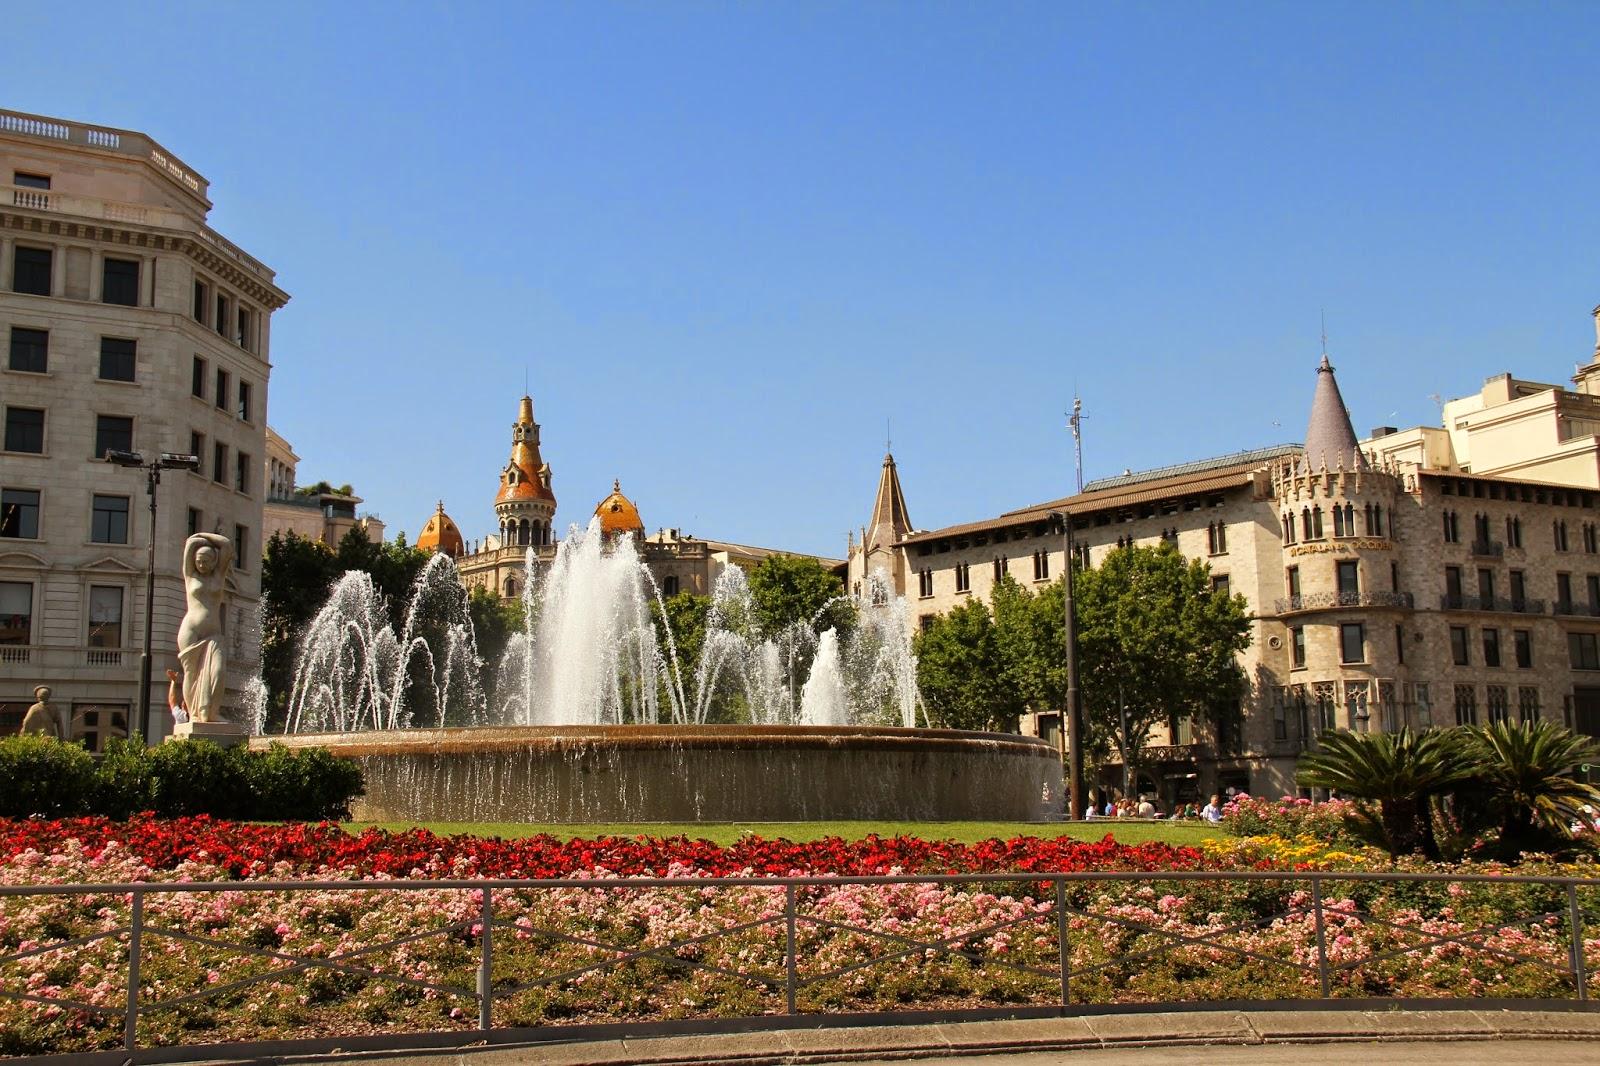 площади Испании